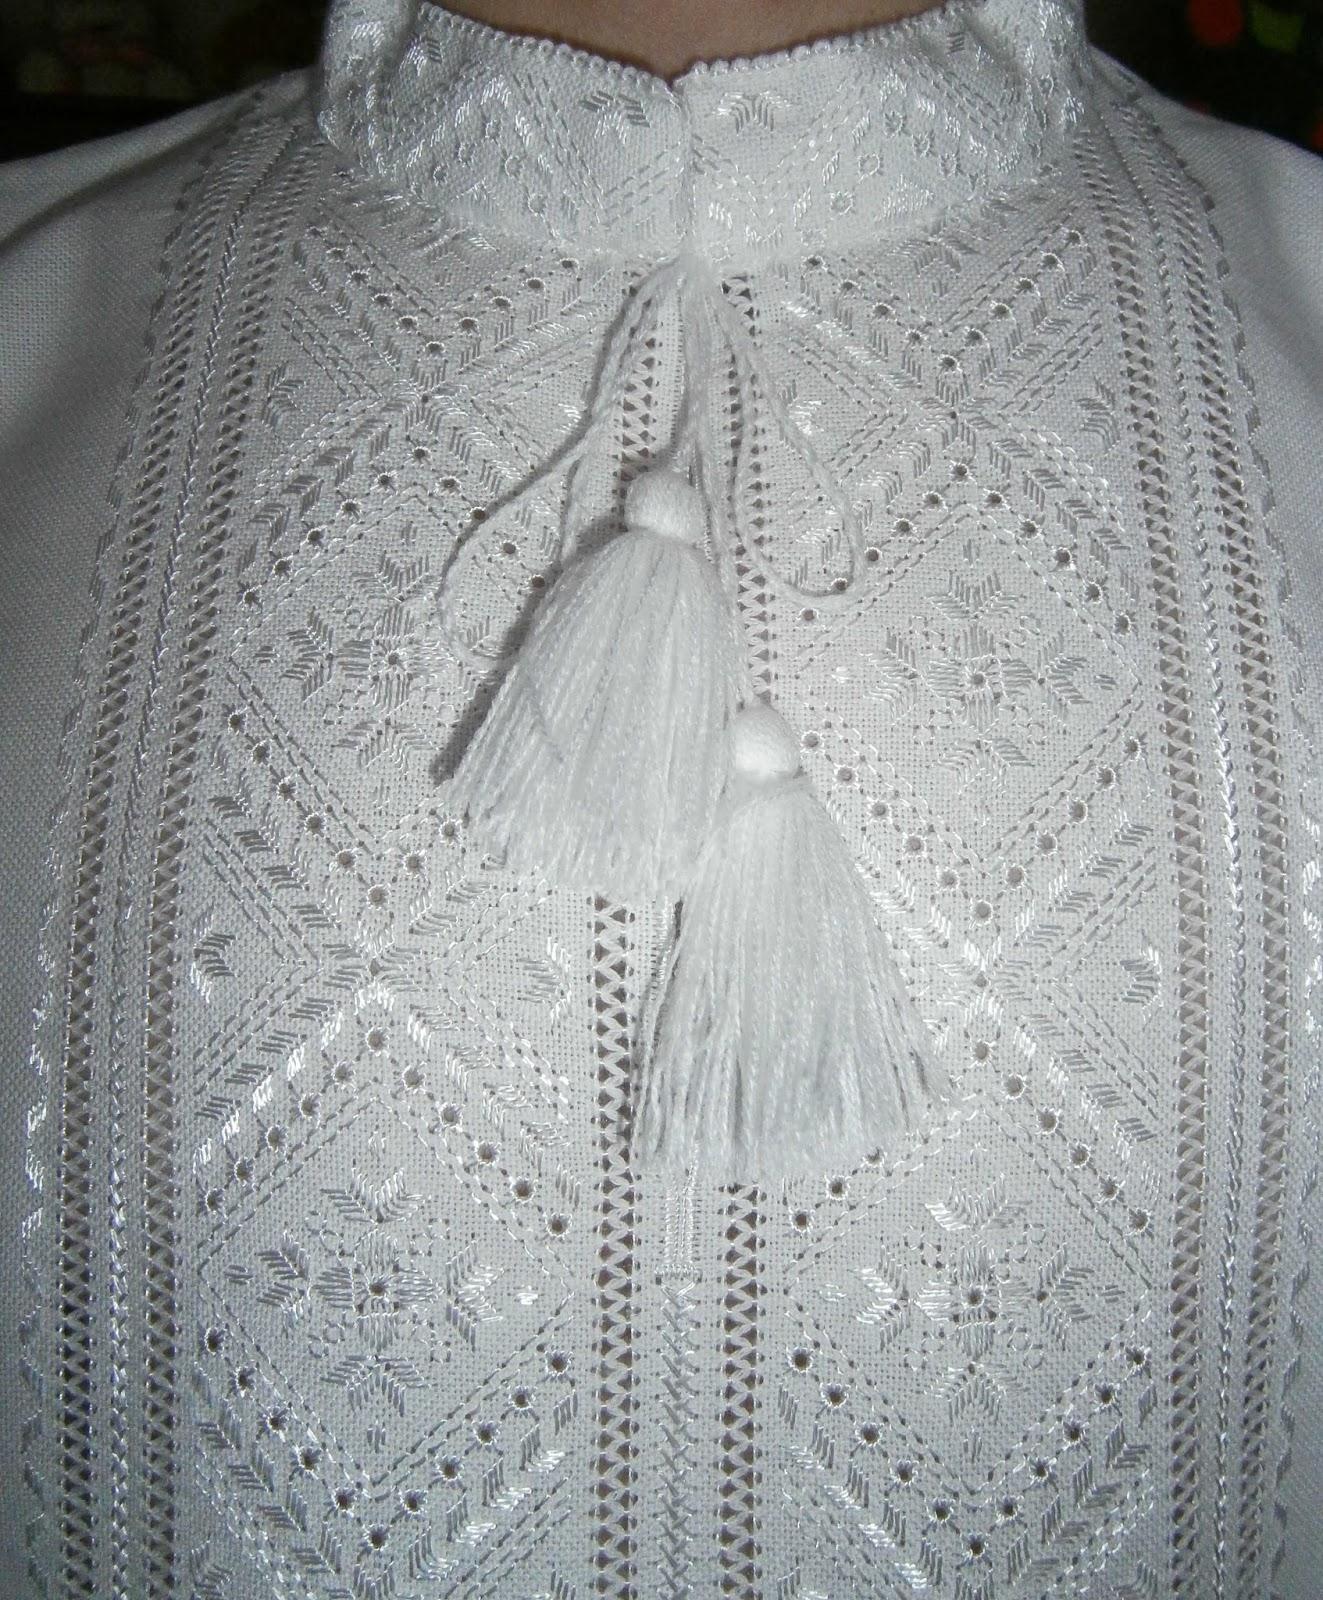 Вишиванка - Інтернет-магазин вишиванок  Вишиванка. Купити вишиванку ... 19a4ab06f51e5